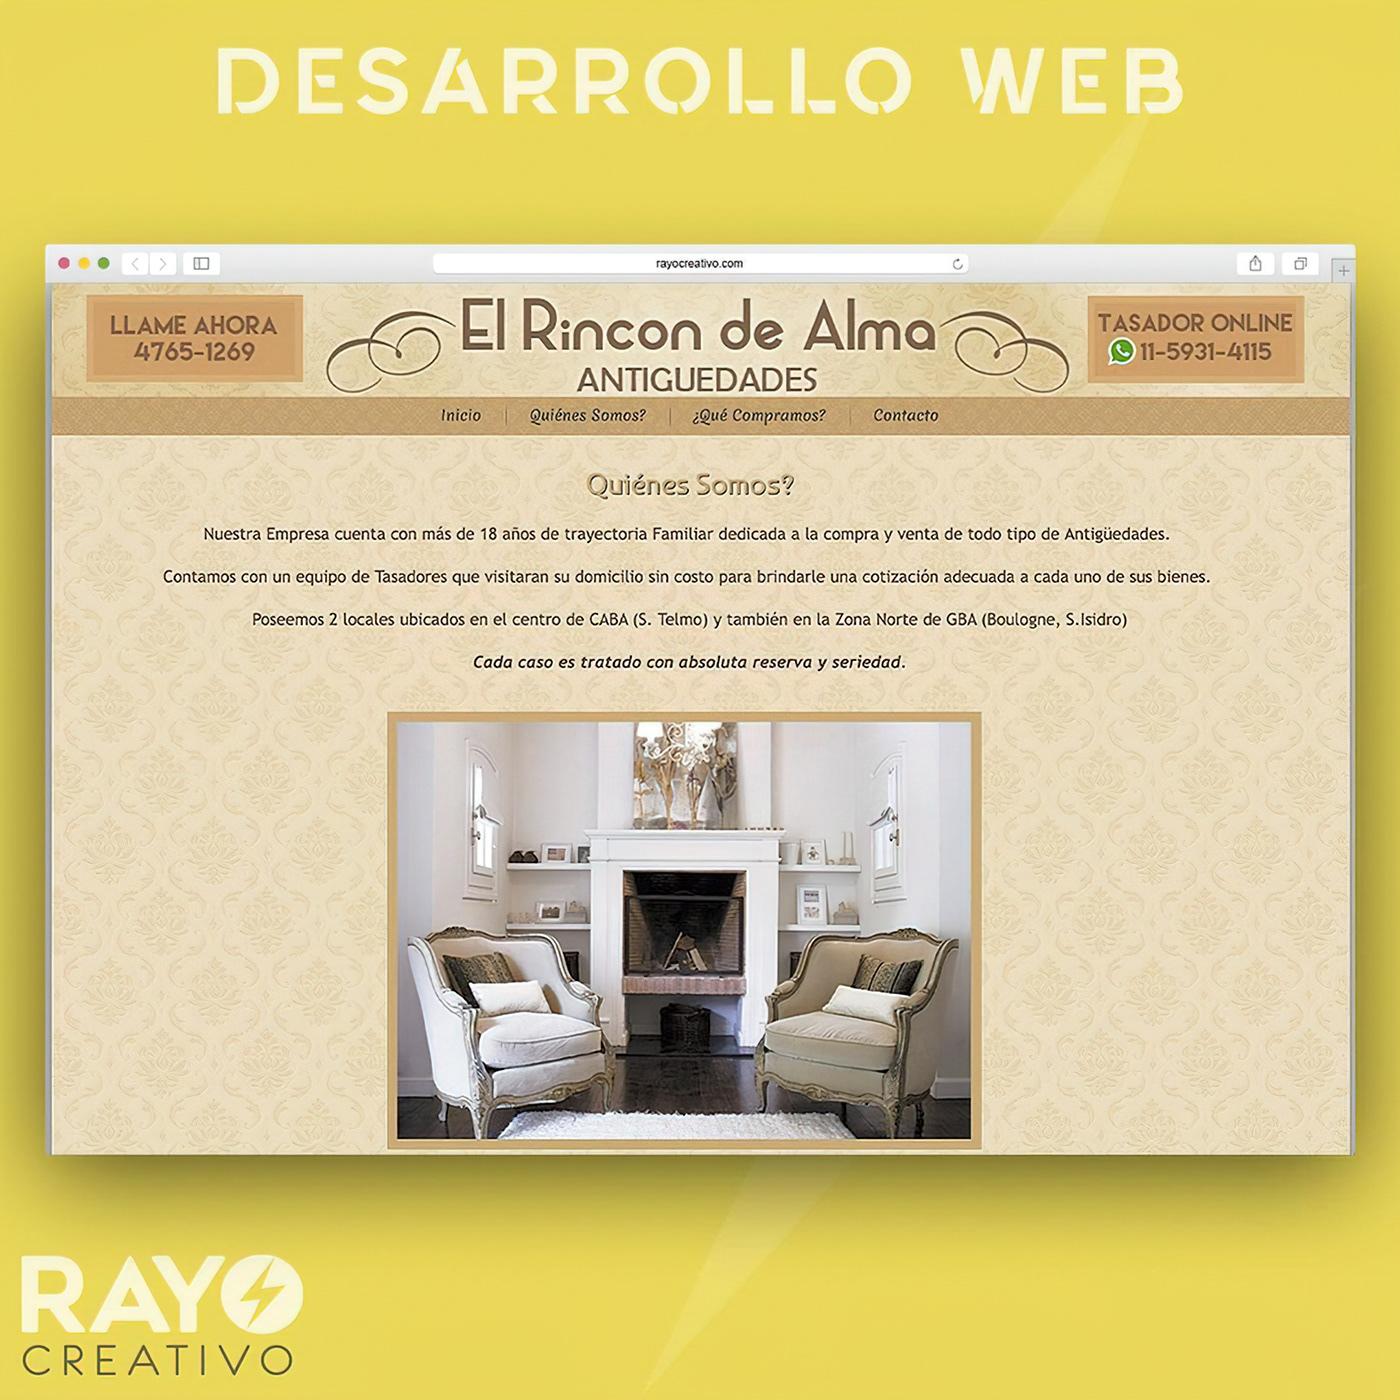 desarrollo web Diseño web Responsive sitio web Web Design  Website wordpress